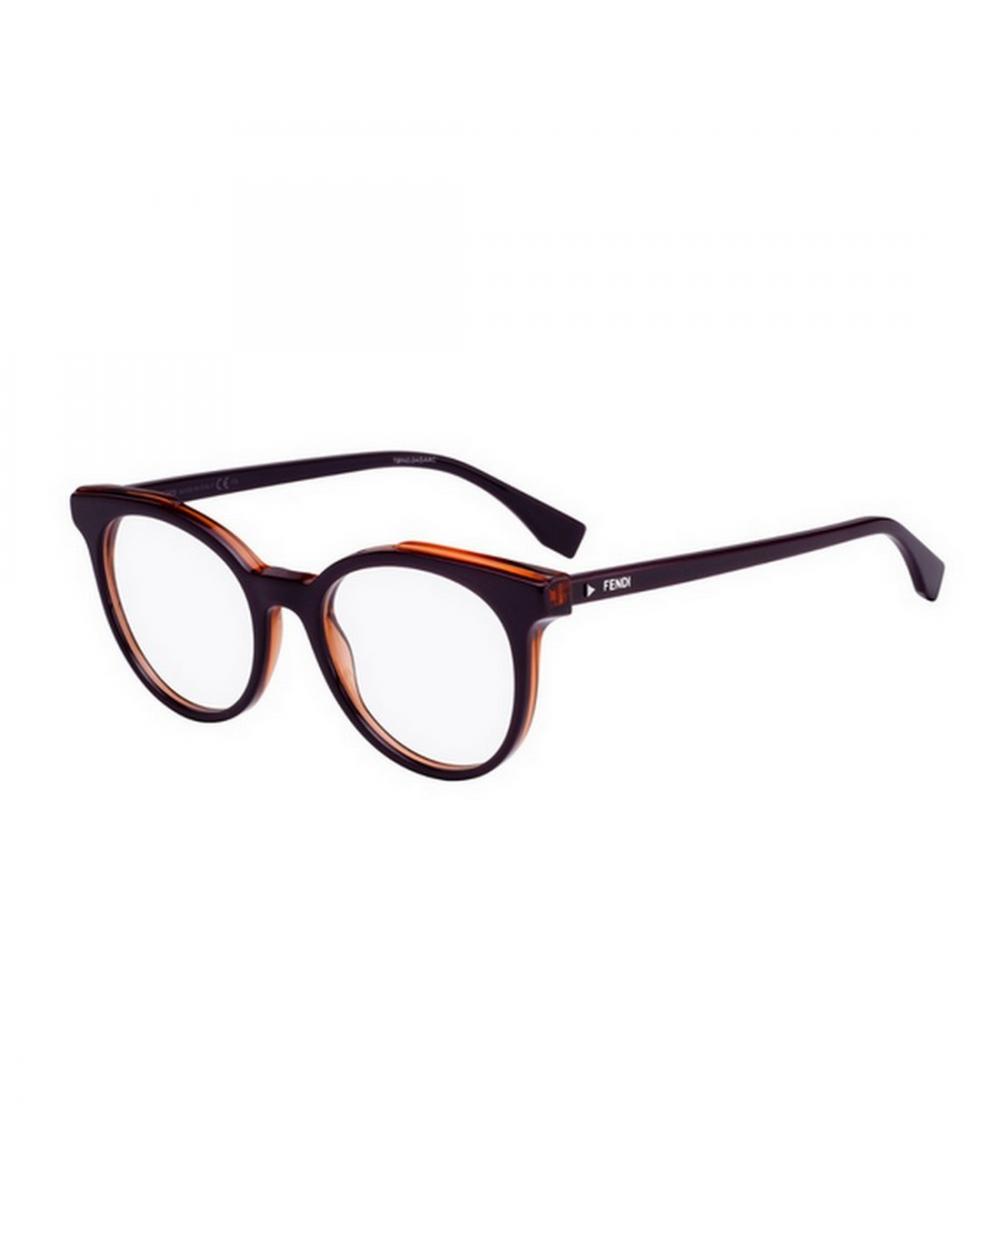 Brille von vista Fendi FF 0249 originalverpackung garantie Italien